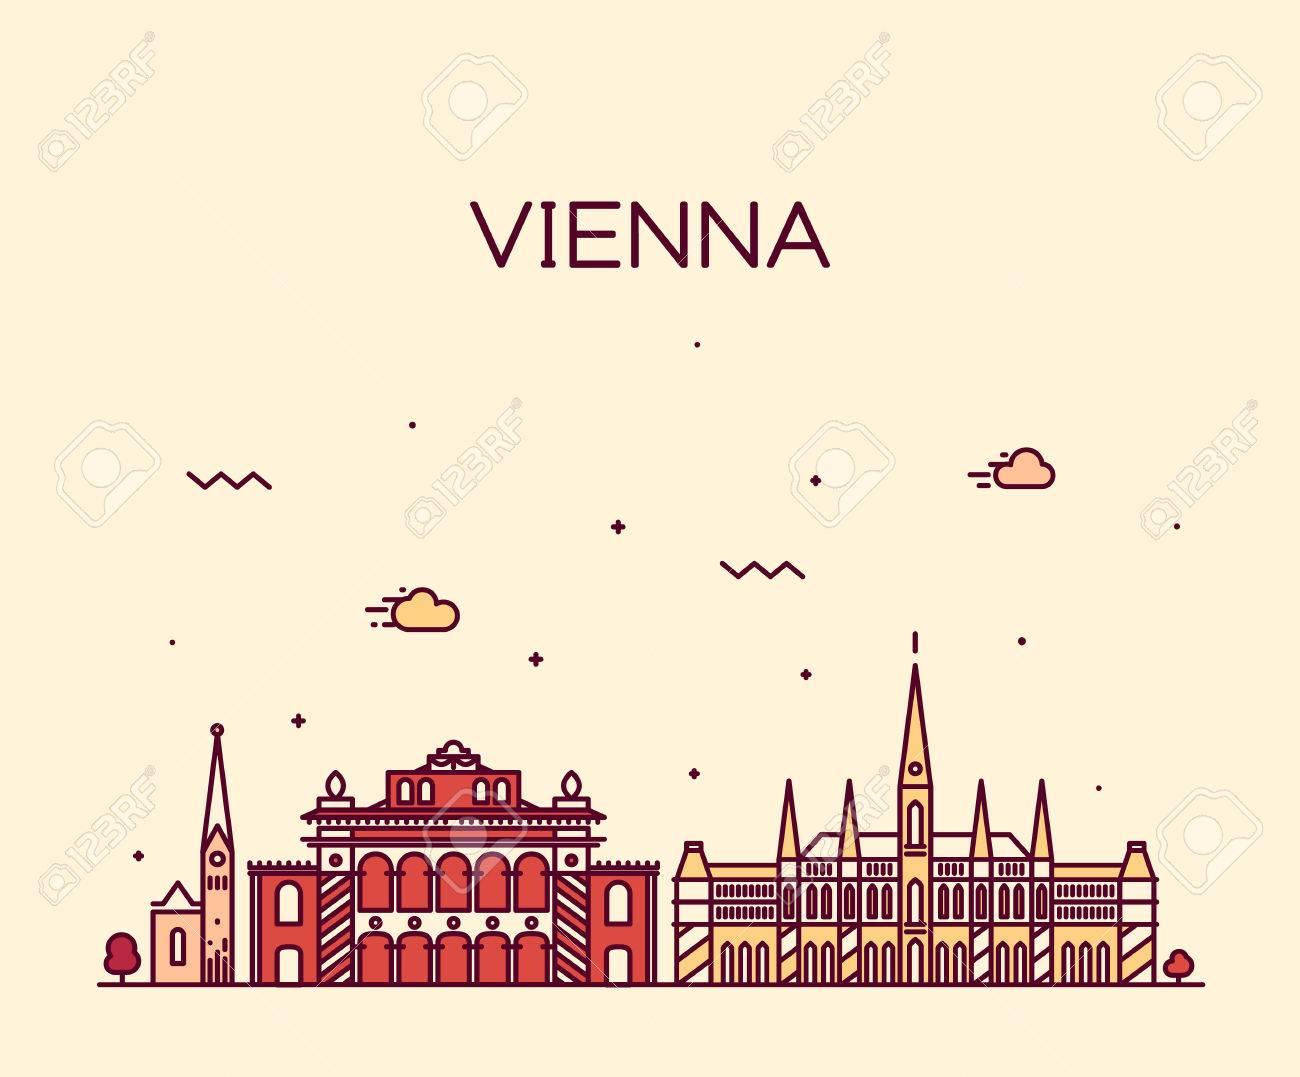 کار در اتریش 2019